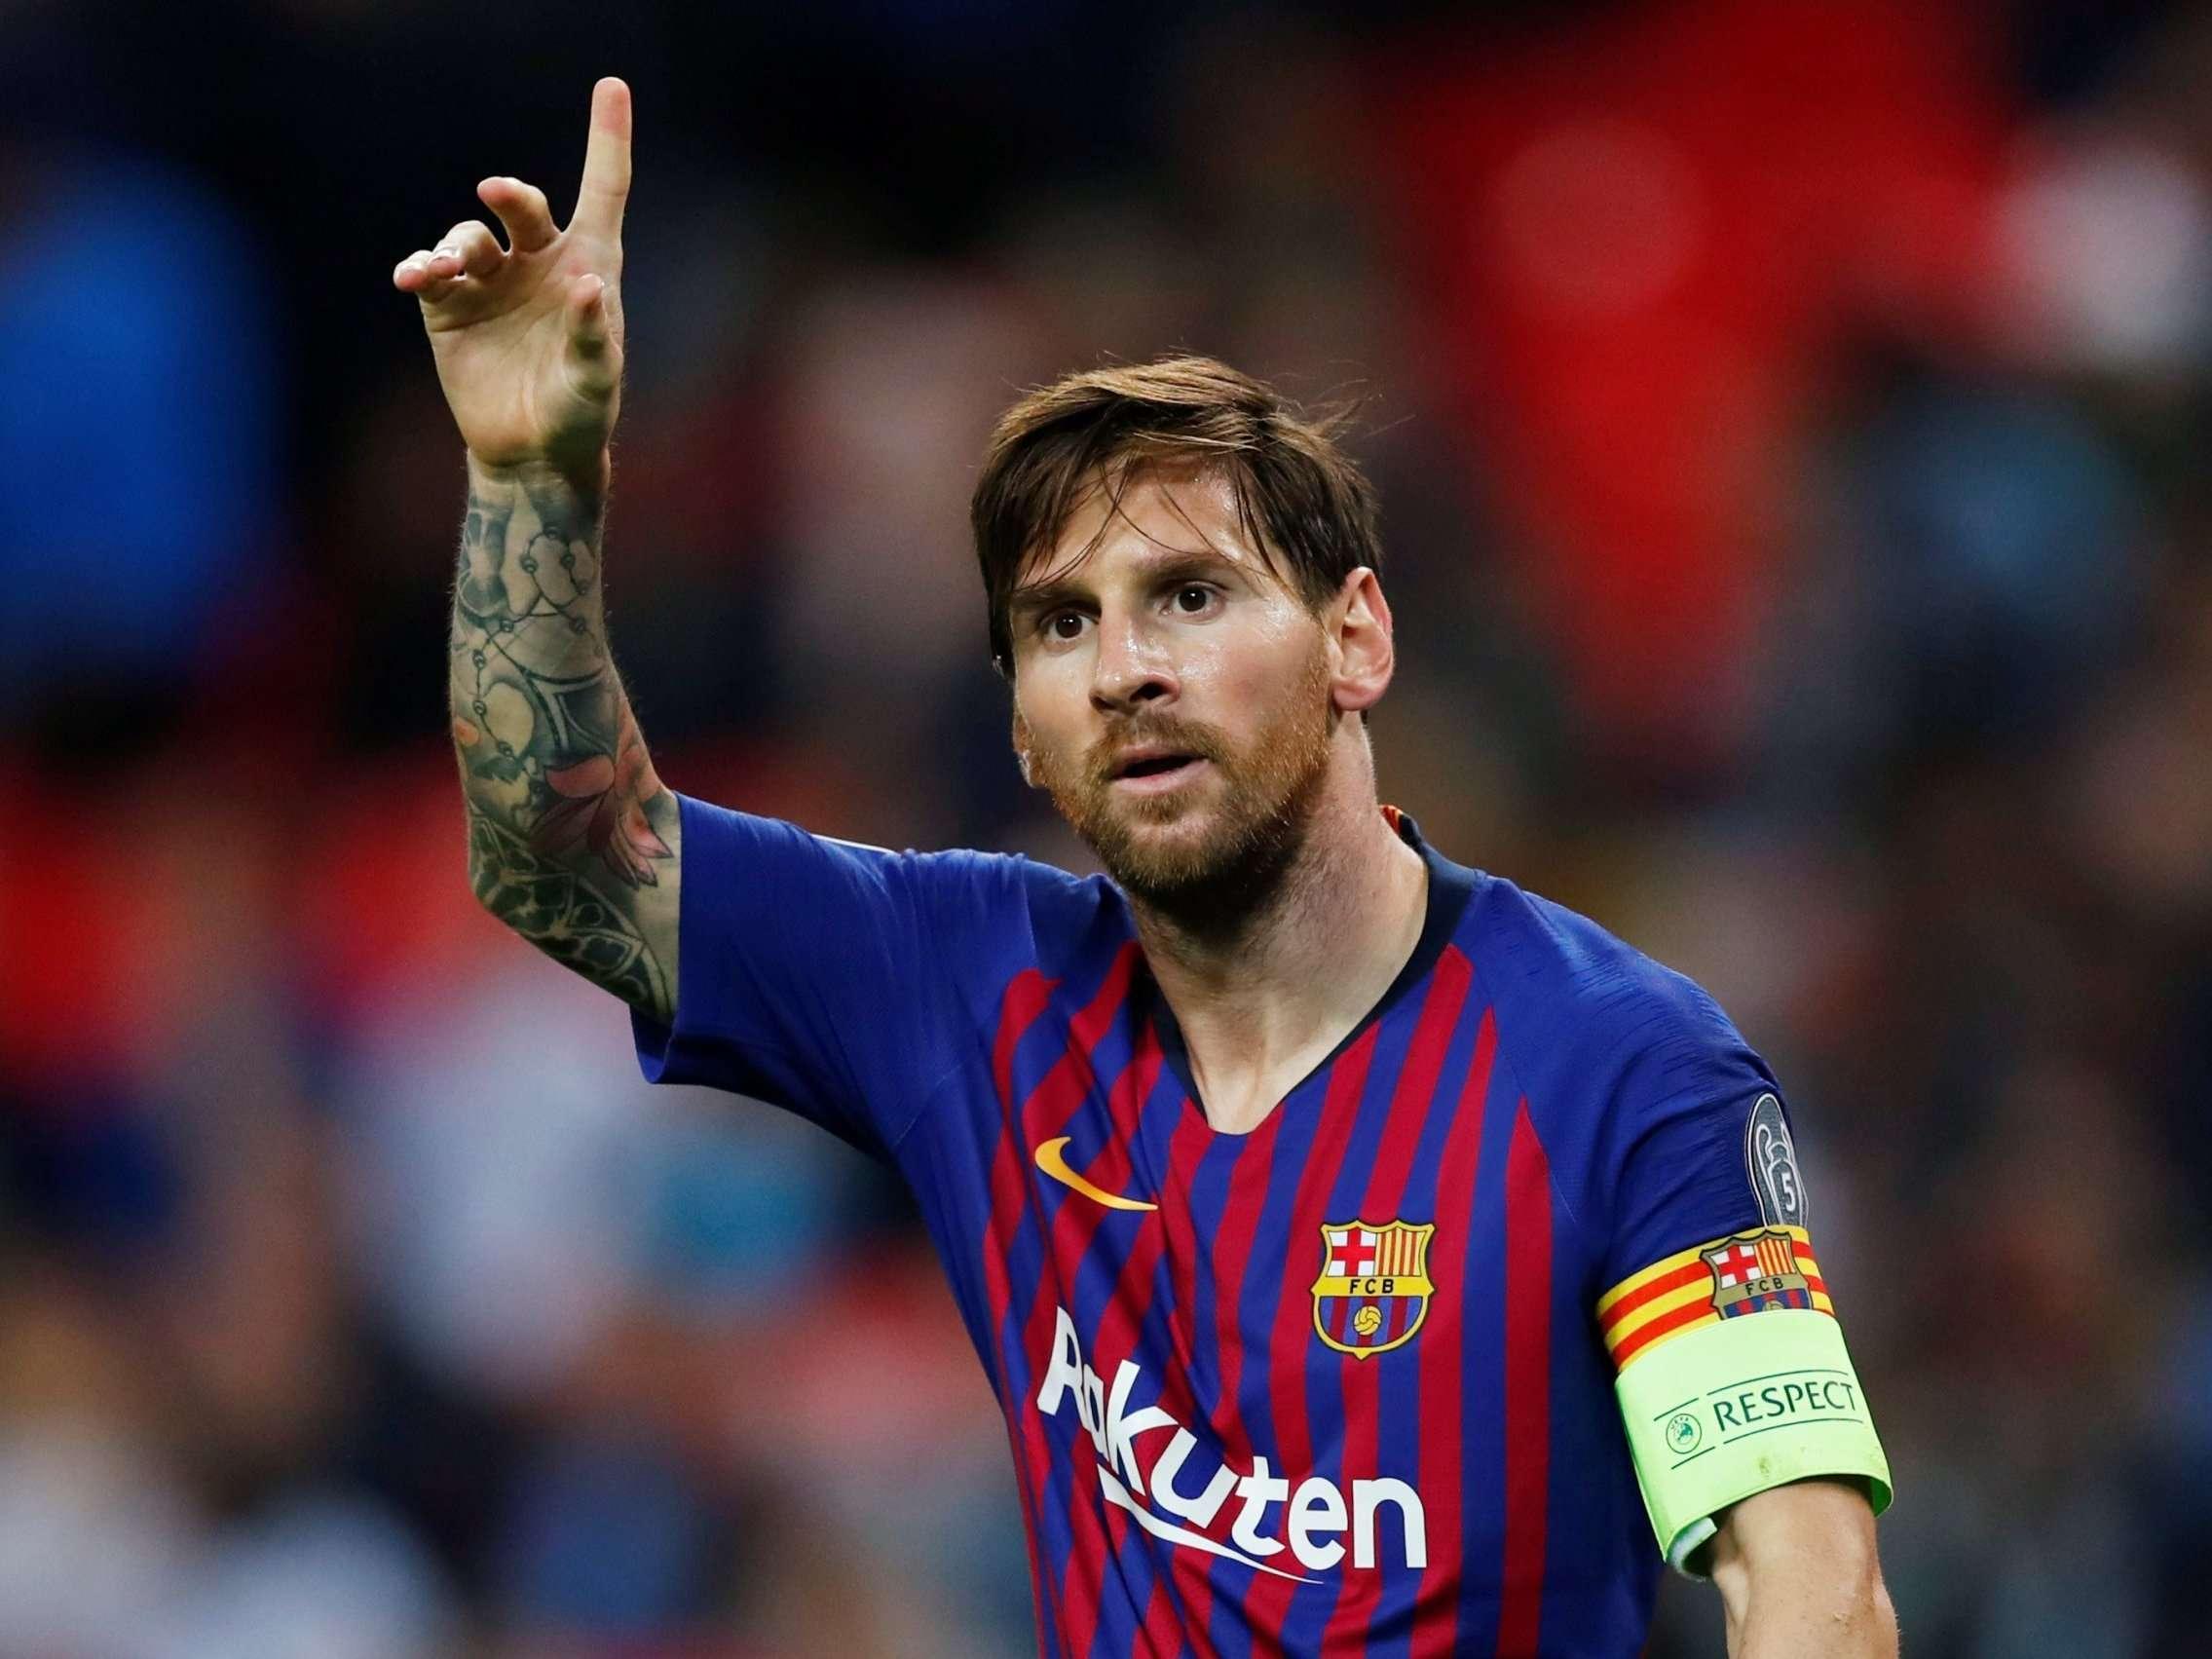 Barcelone : Lionel Messi offre 1 million d'euros à un hopital